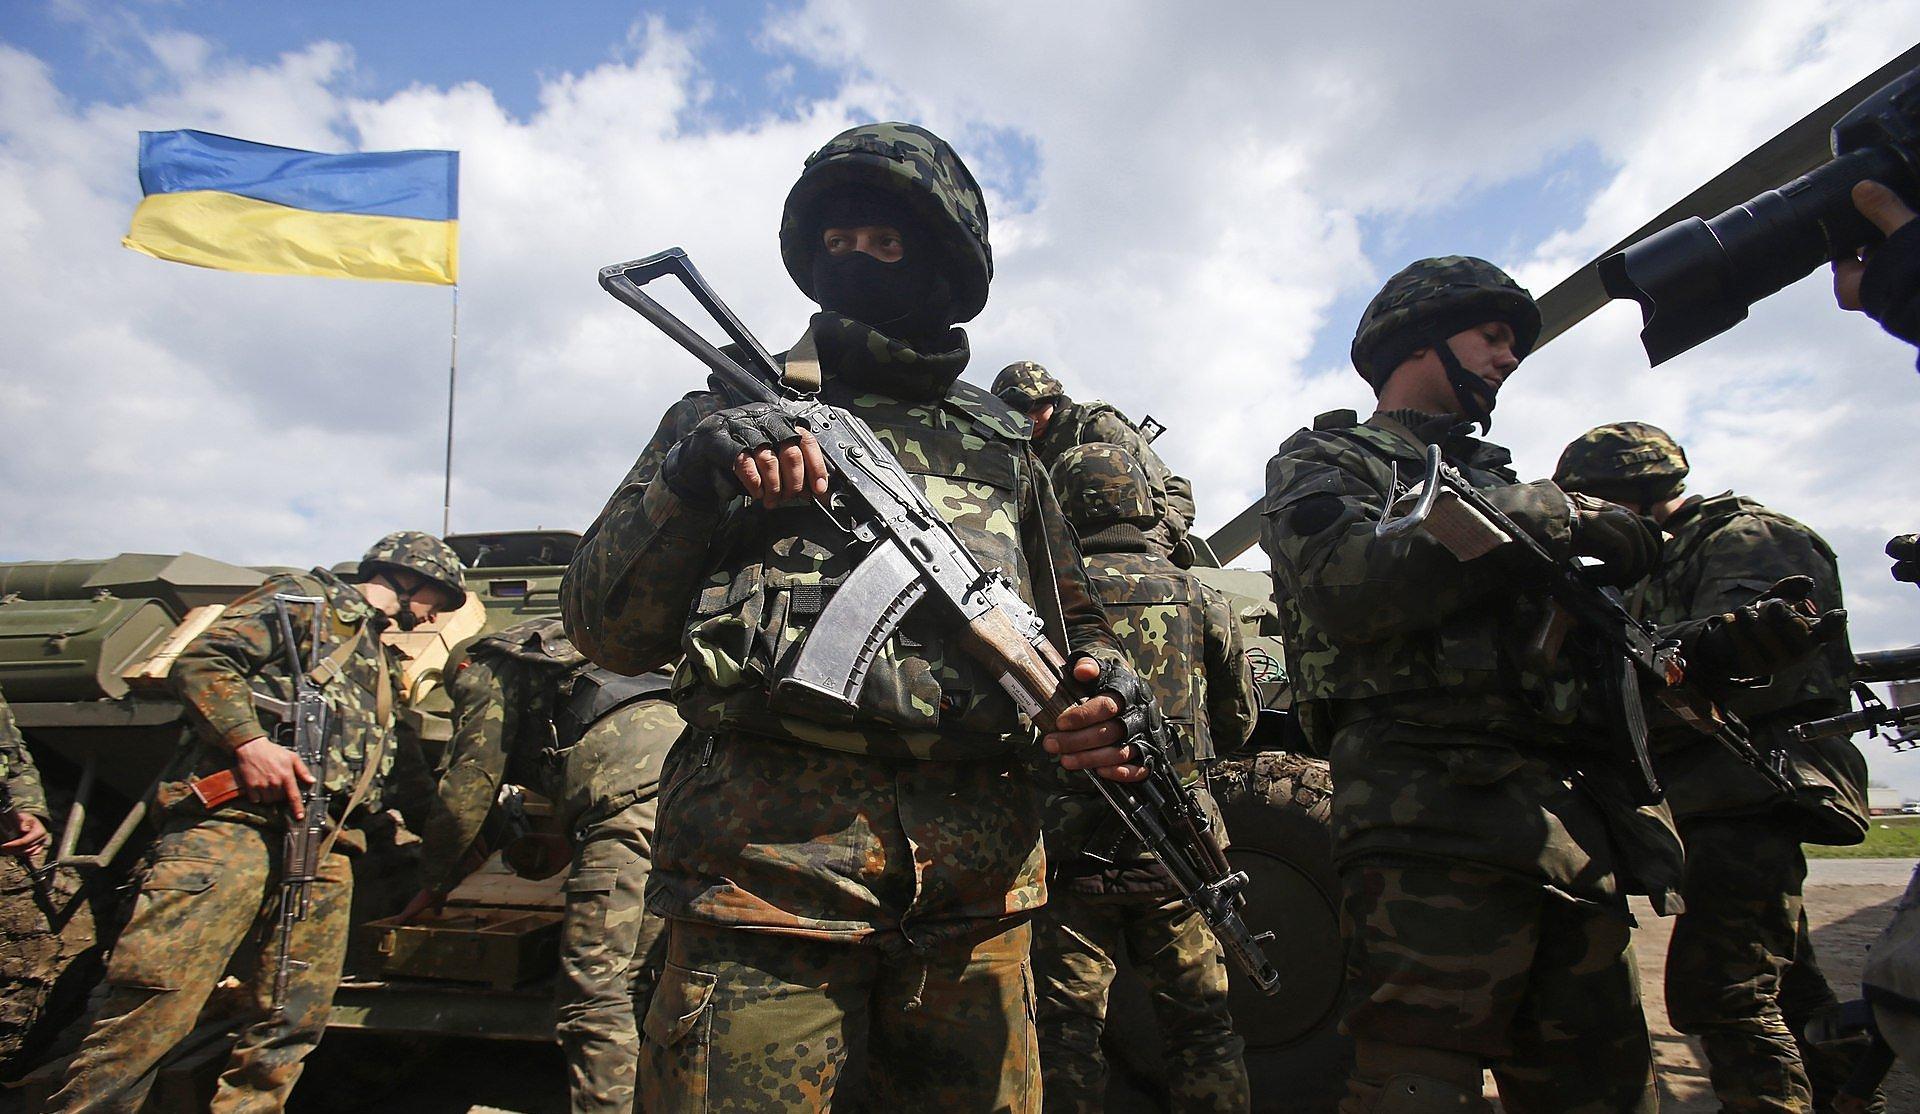 Потери личного состава ВС Украины в зоне АТО: в Минобороны озвучили число бойцов, пострадавших от огня террористов